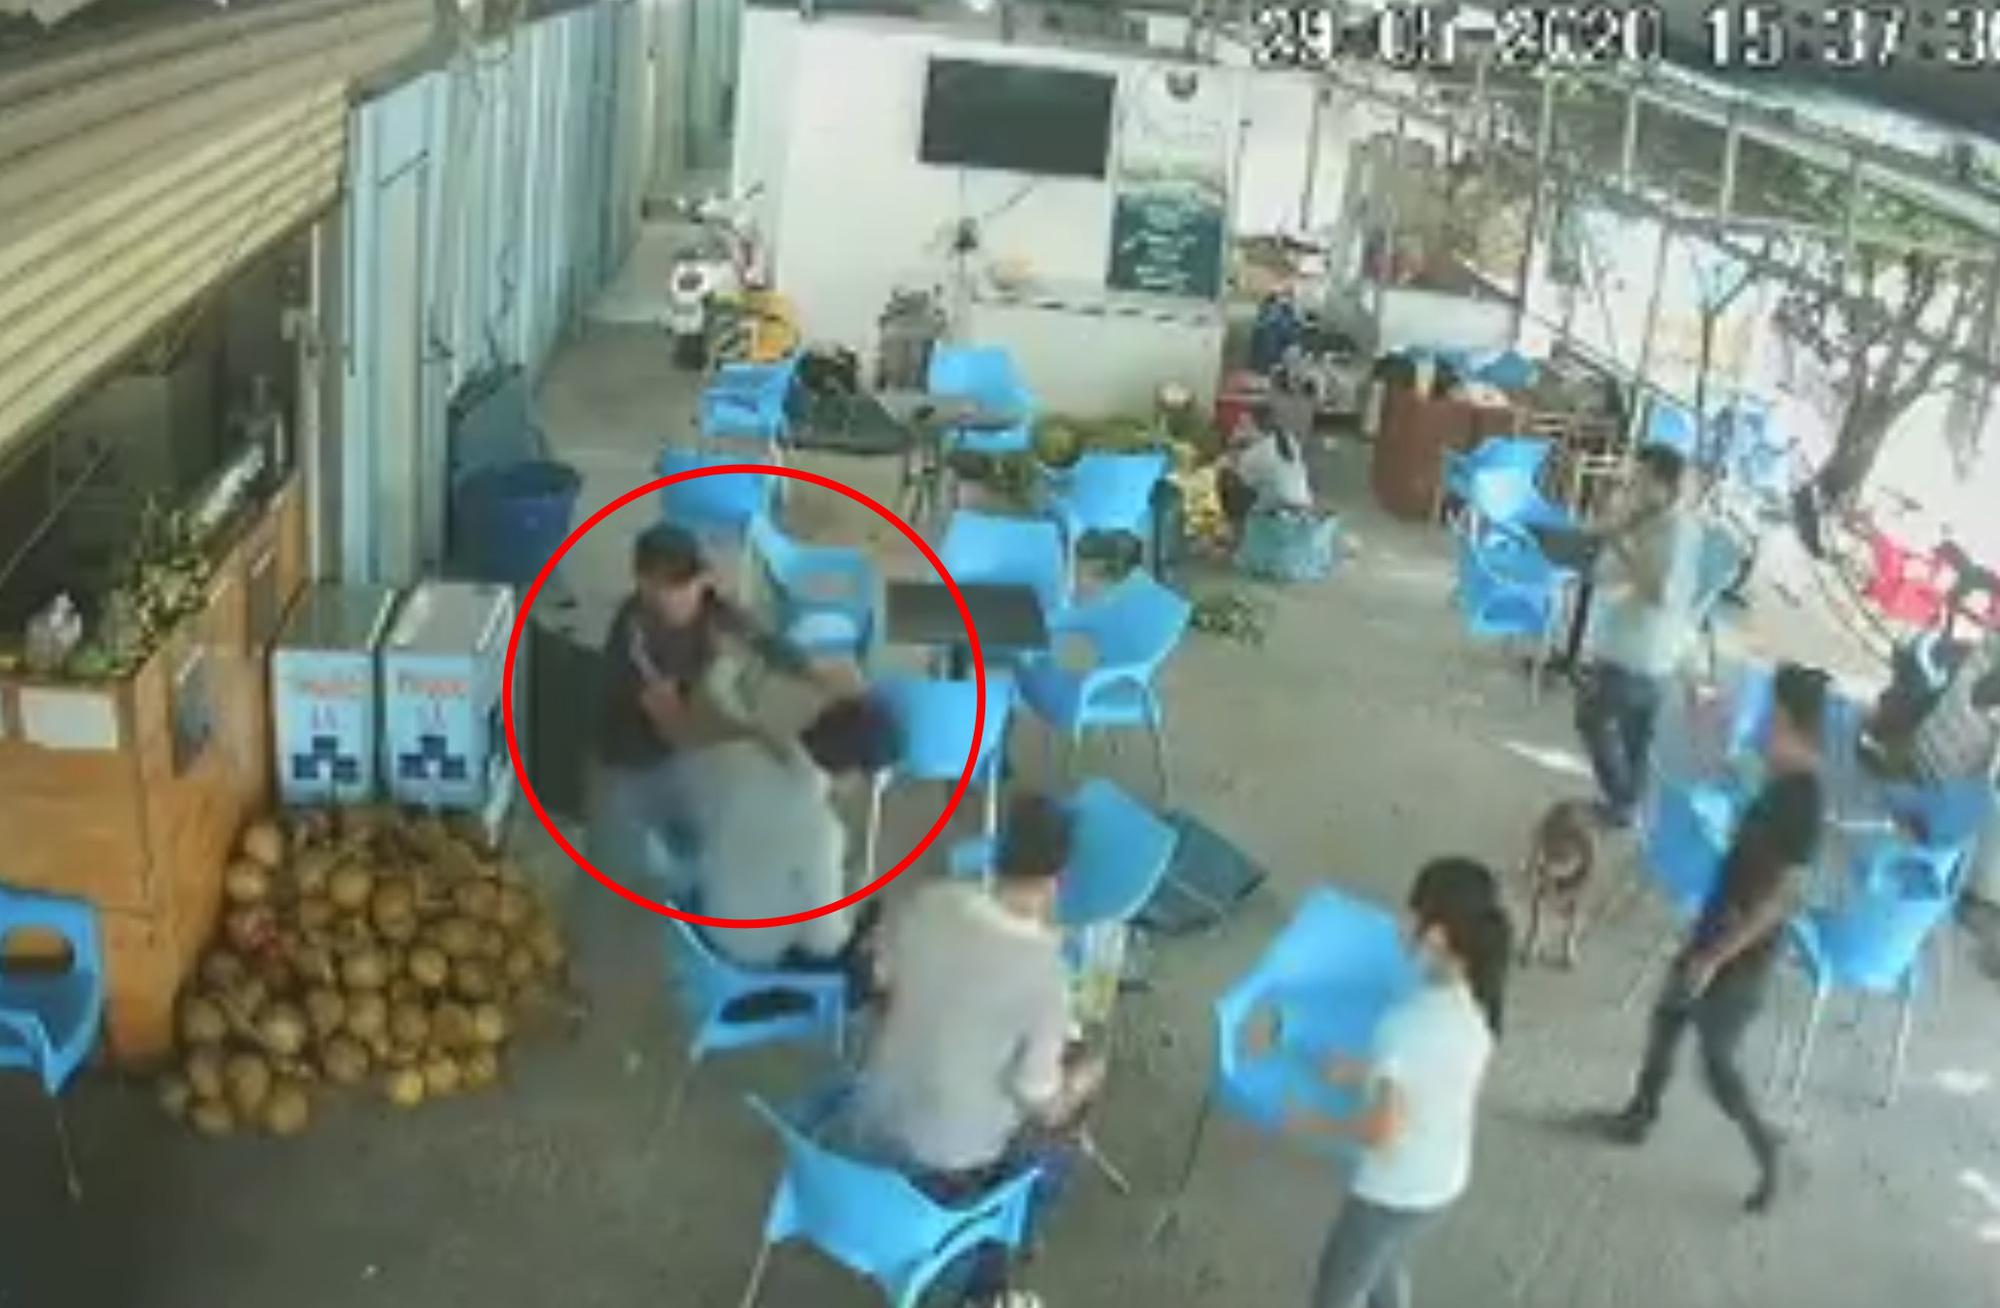 Chủ quán cà phê bị đánh tới tấp vì 2 đĩa cơm - Ảnh 1.